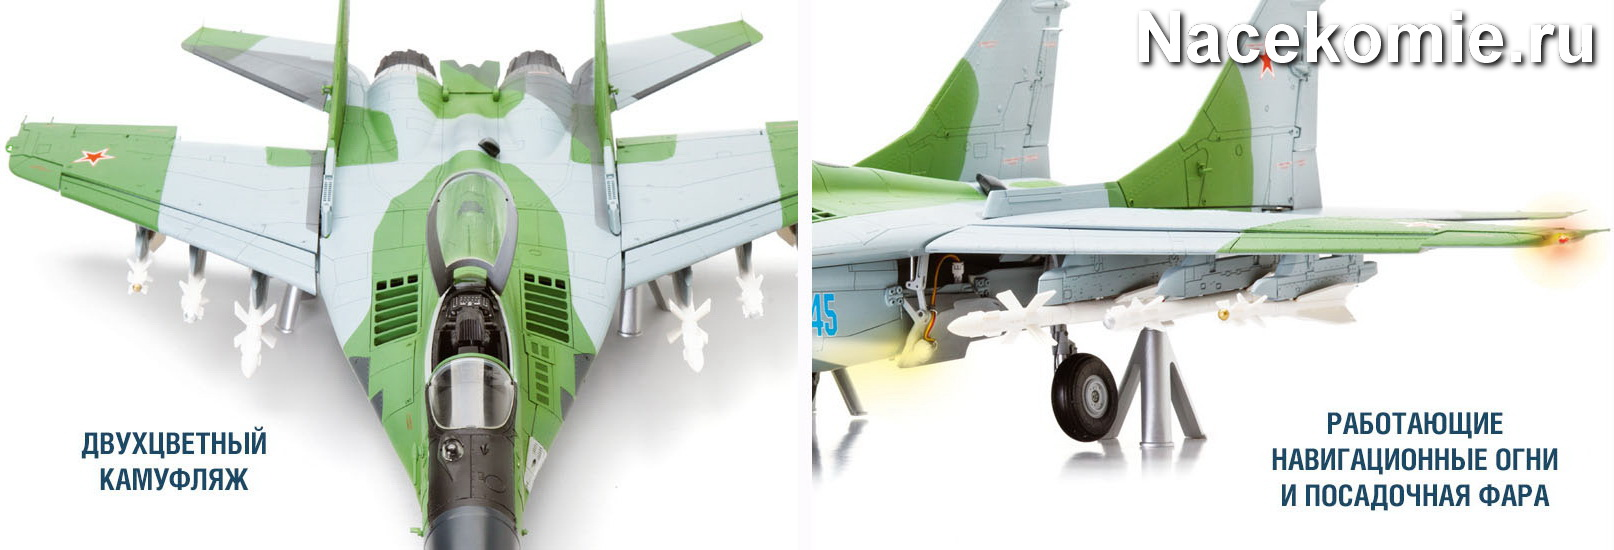 МиГ-29 - График Выхода и обсуждение